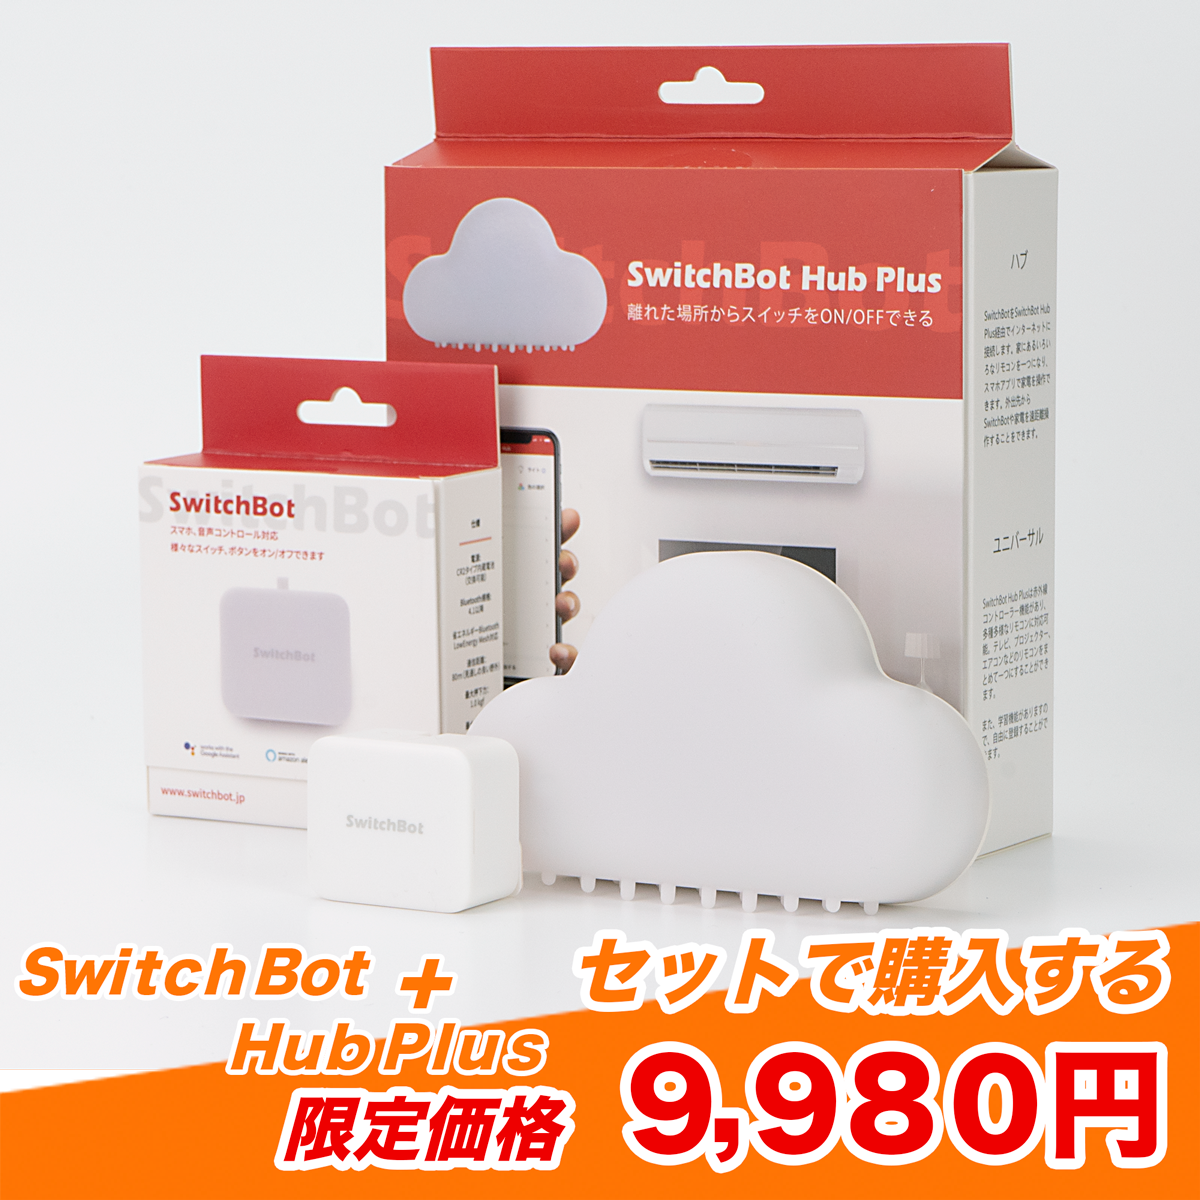 スイッチボットハブセット 購入アイコン